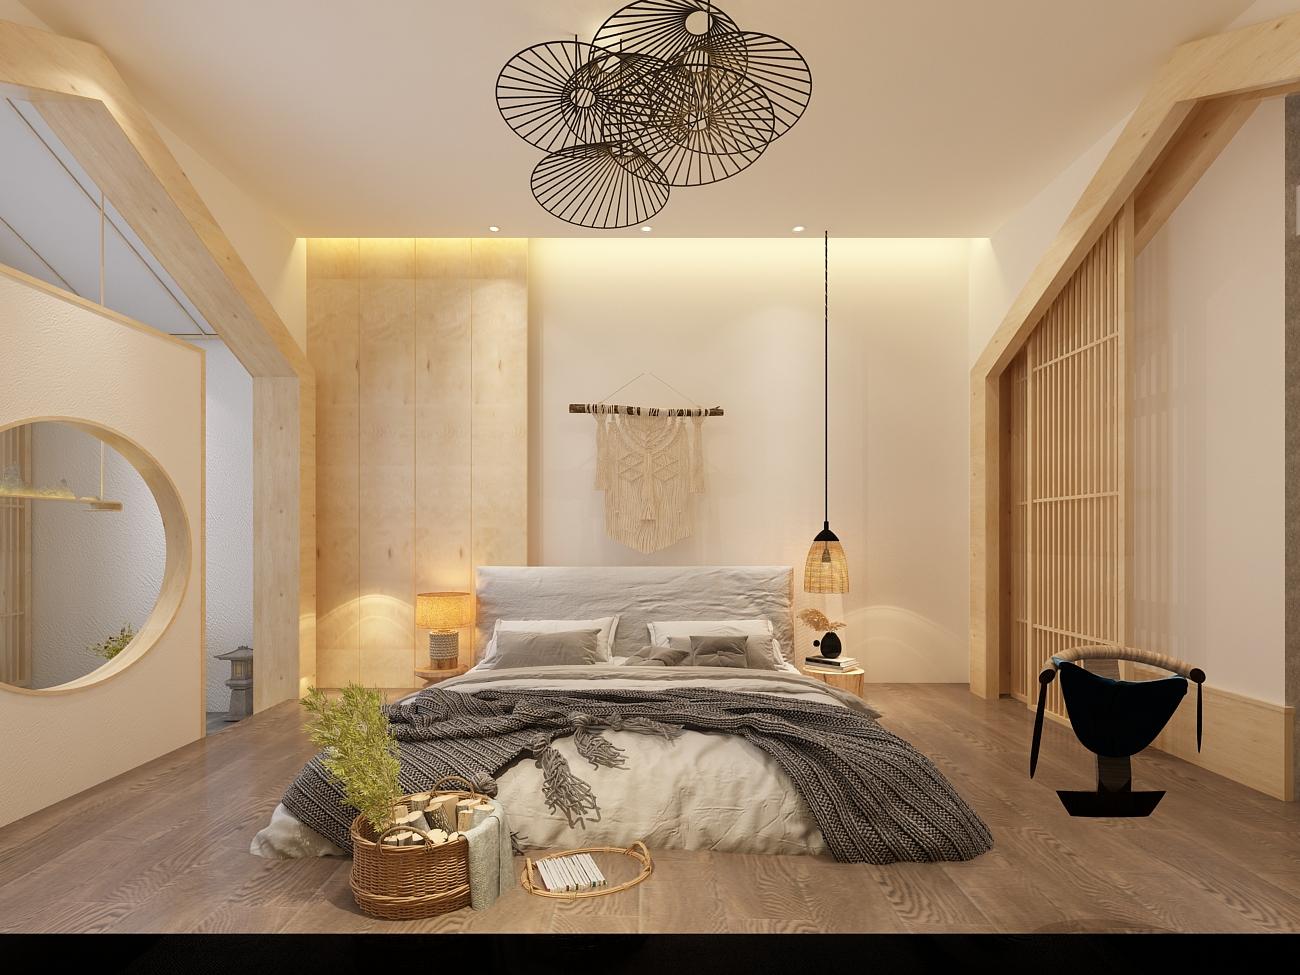 民宿亲子客栈装修设计精品酒店四合院主题宾馆室内装修设计效果图